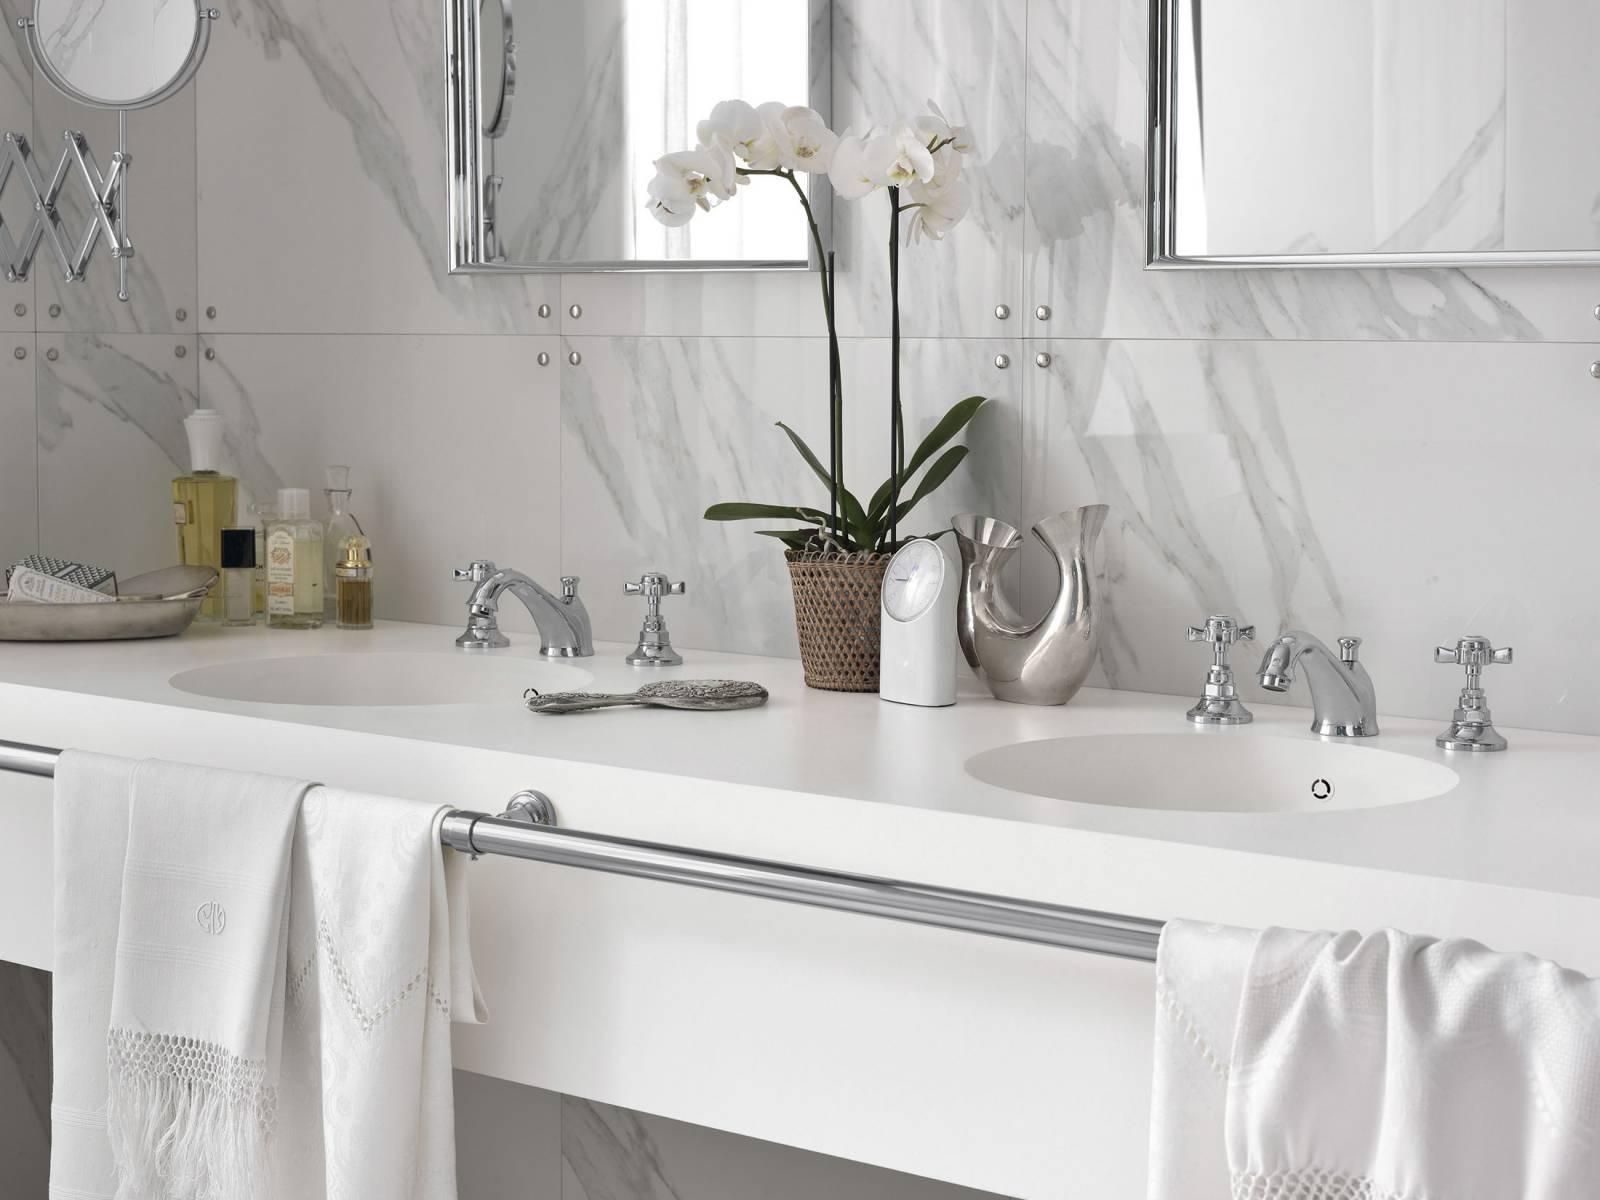 Plan De Toilette Salle De Bain plan vasque de salle de bain - corian� solid surfaces, corian�